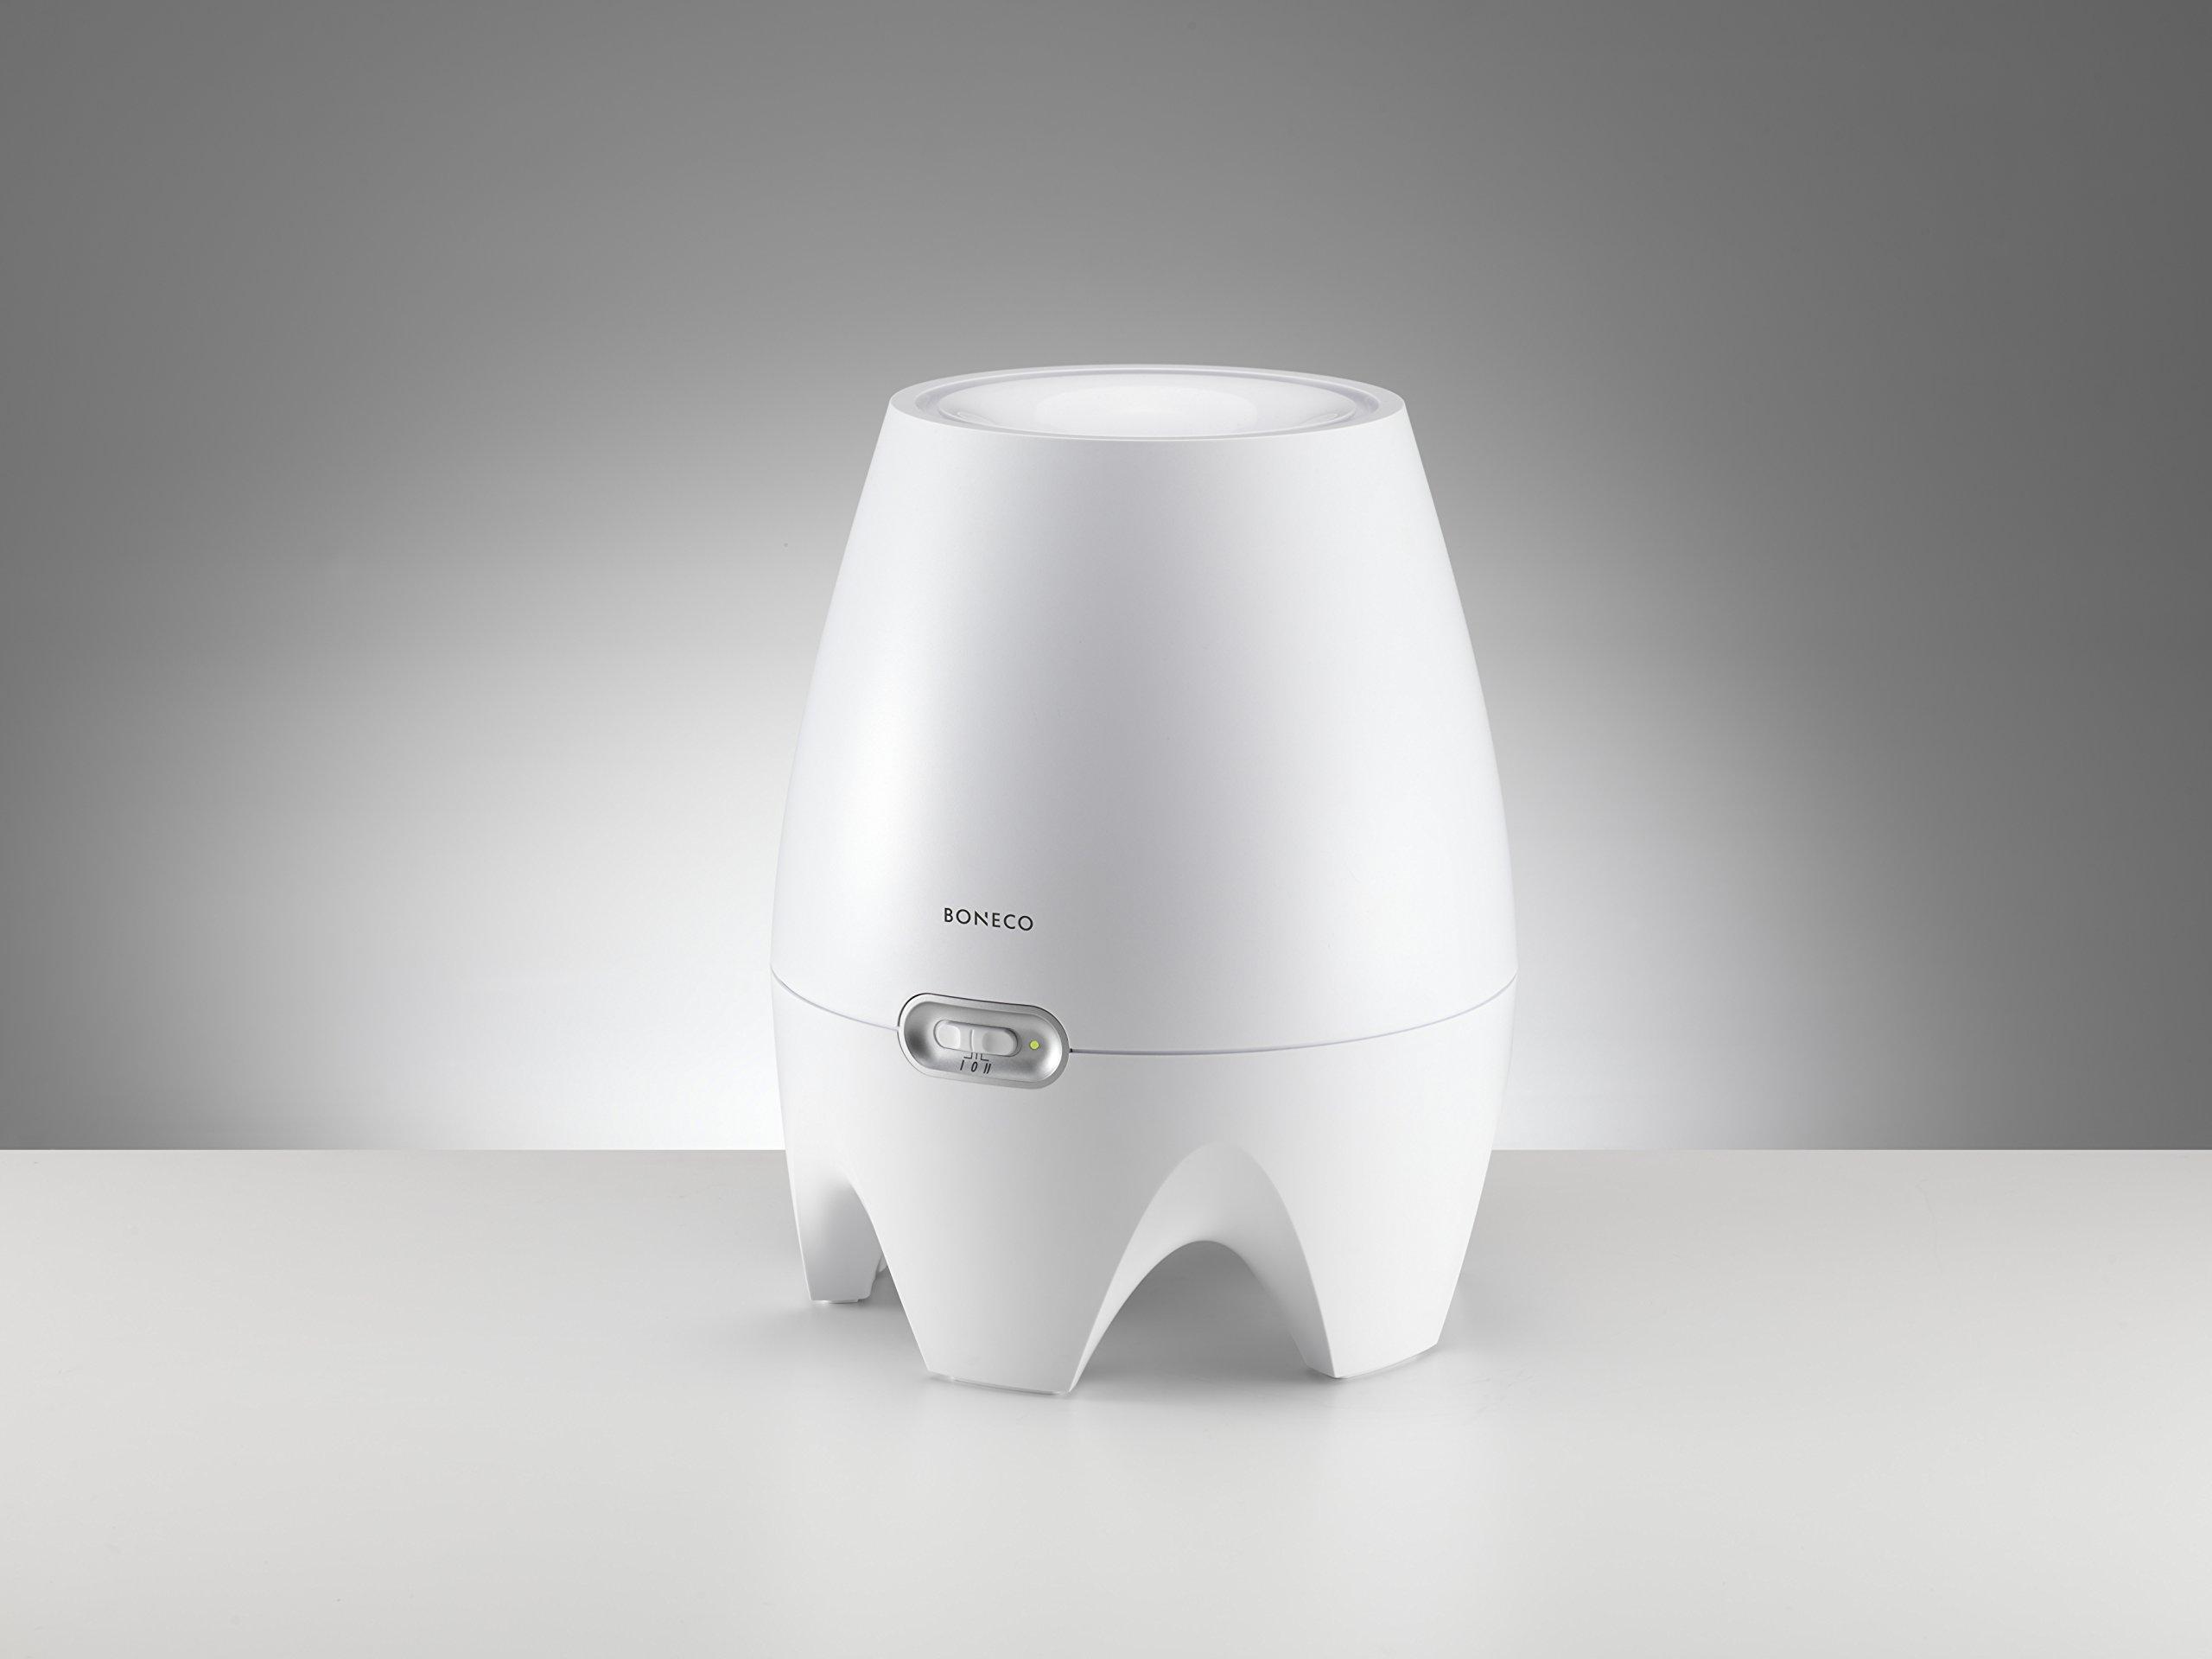 Boneco E2441A - Humidificador y difusor ultra-silencioso ...